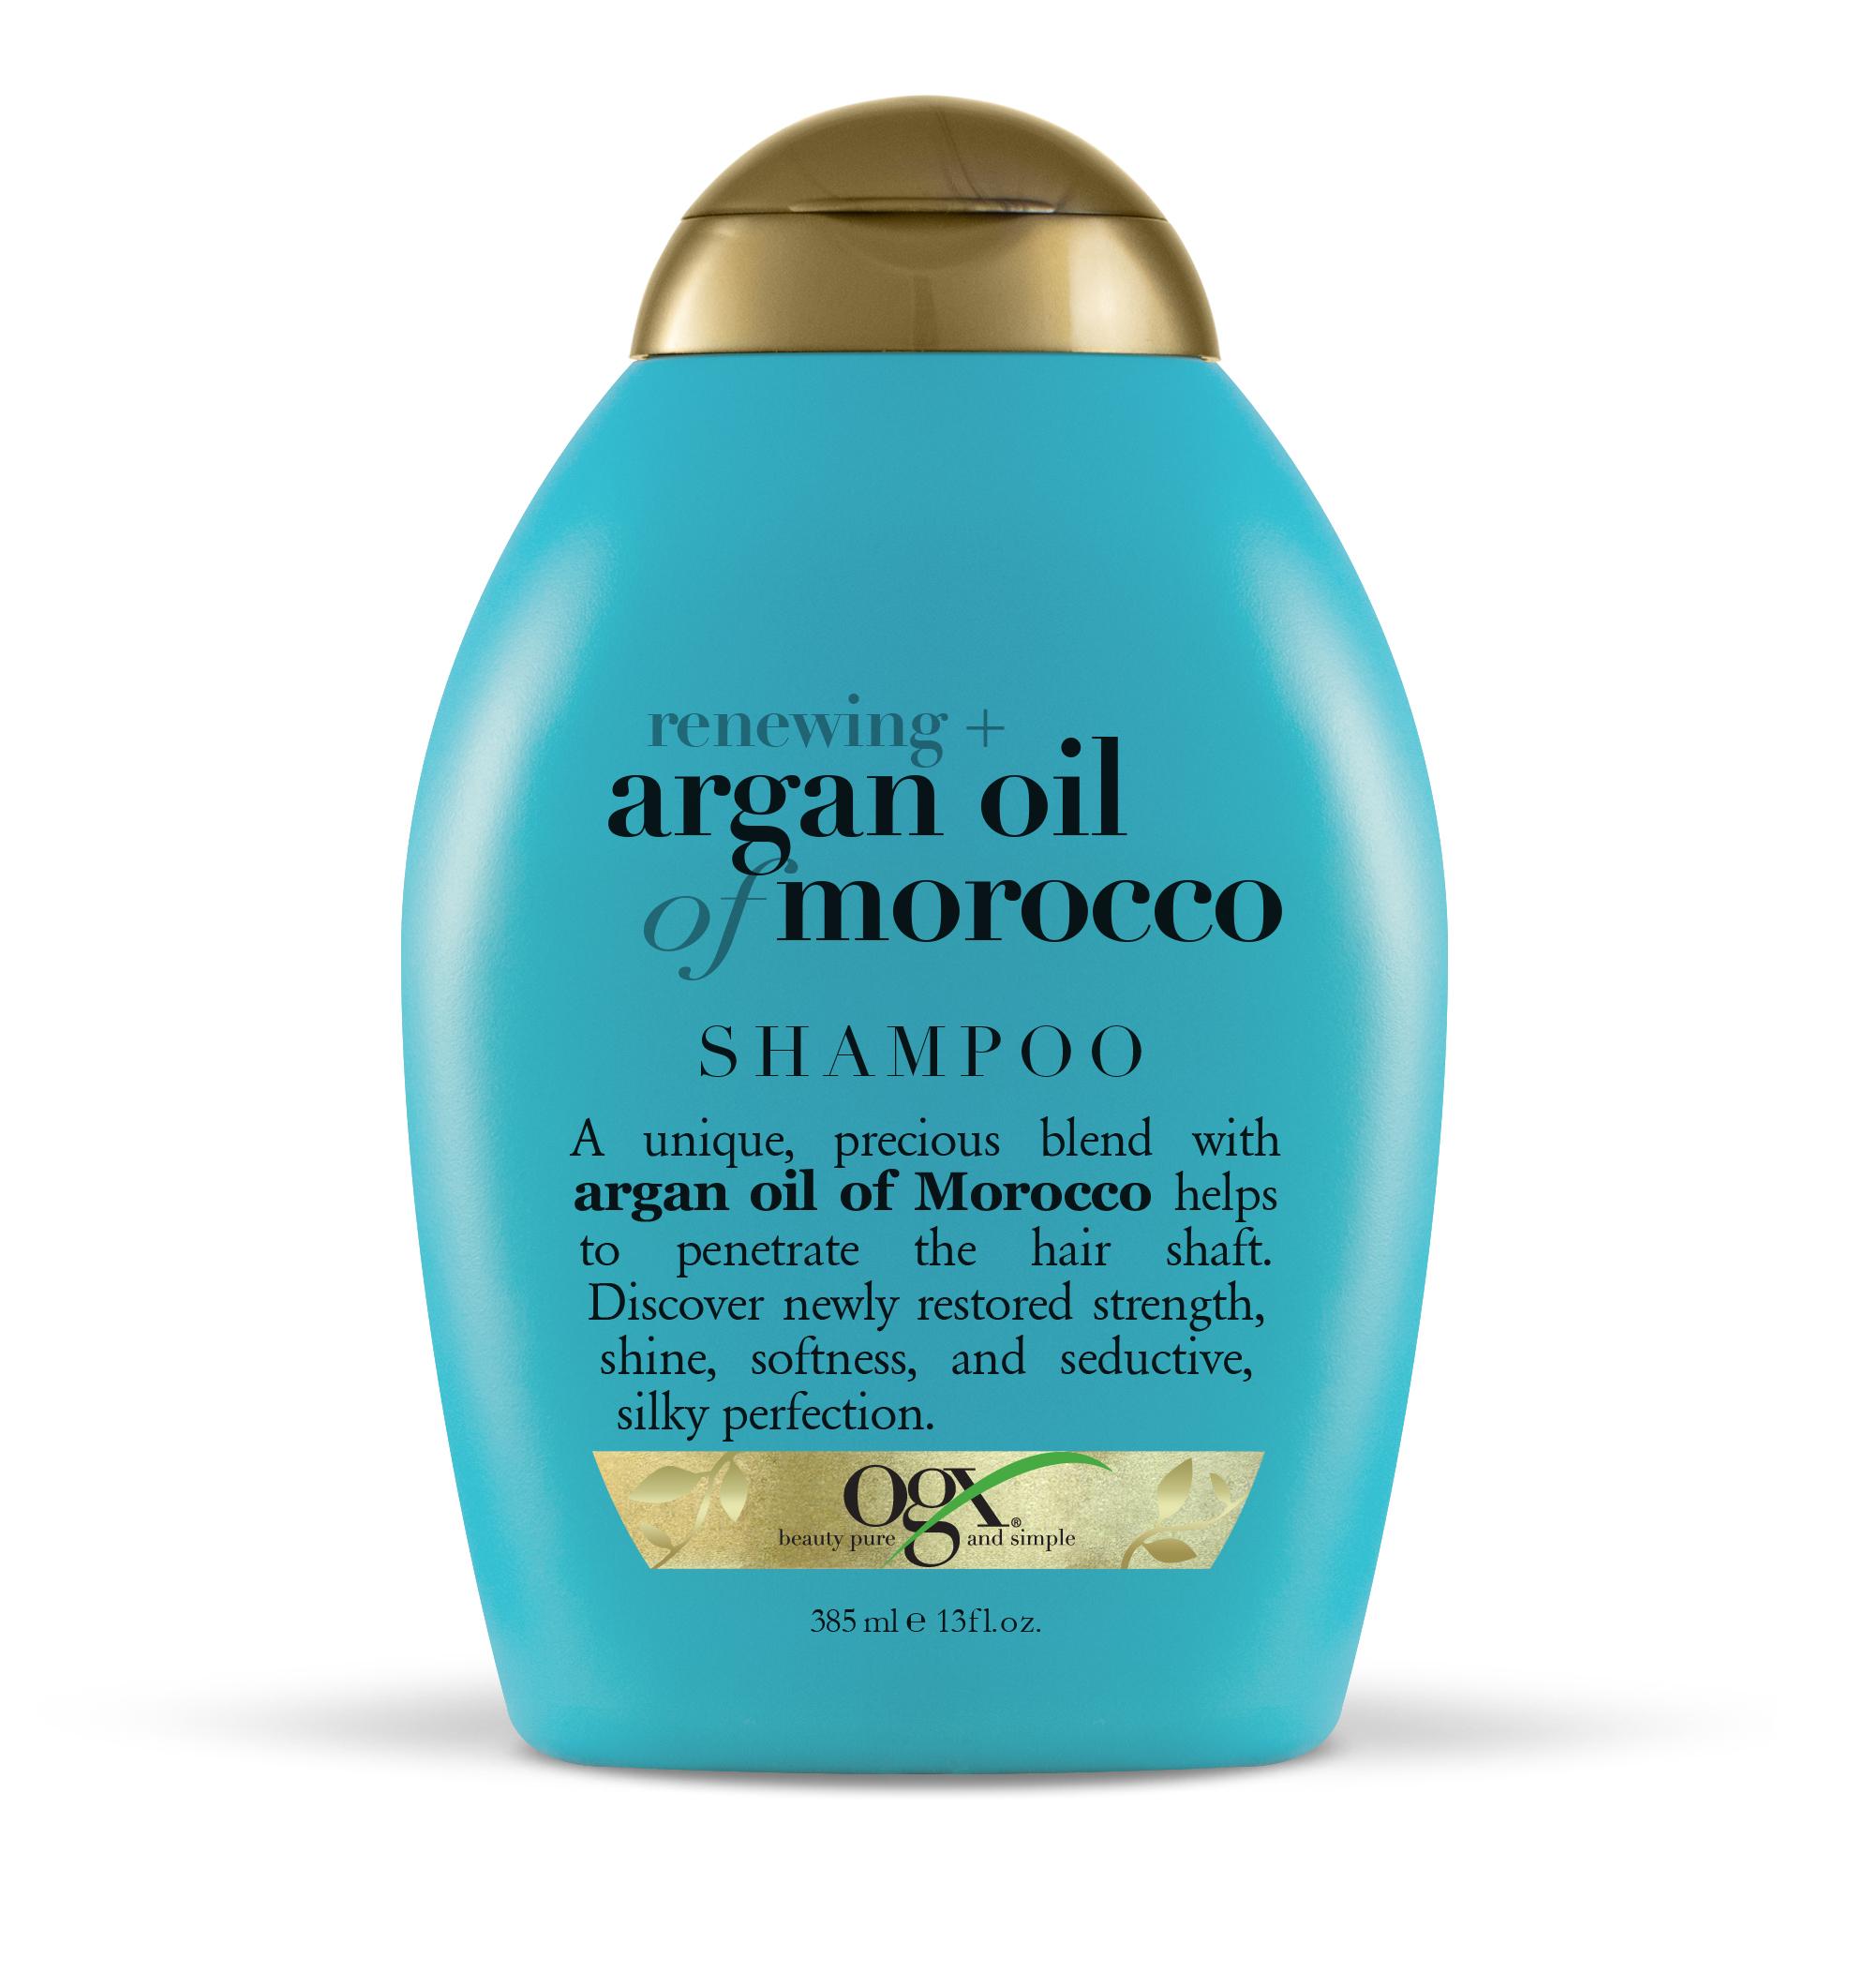 Ogx шампунь восстанавливающий с аргановым маслом марокко фл. 385мл